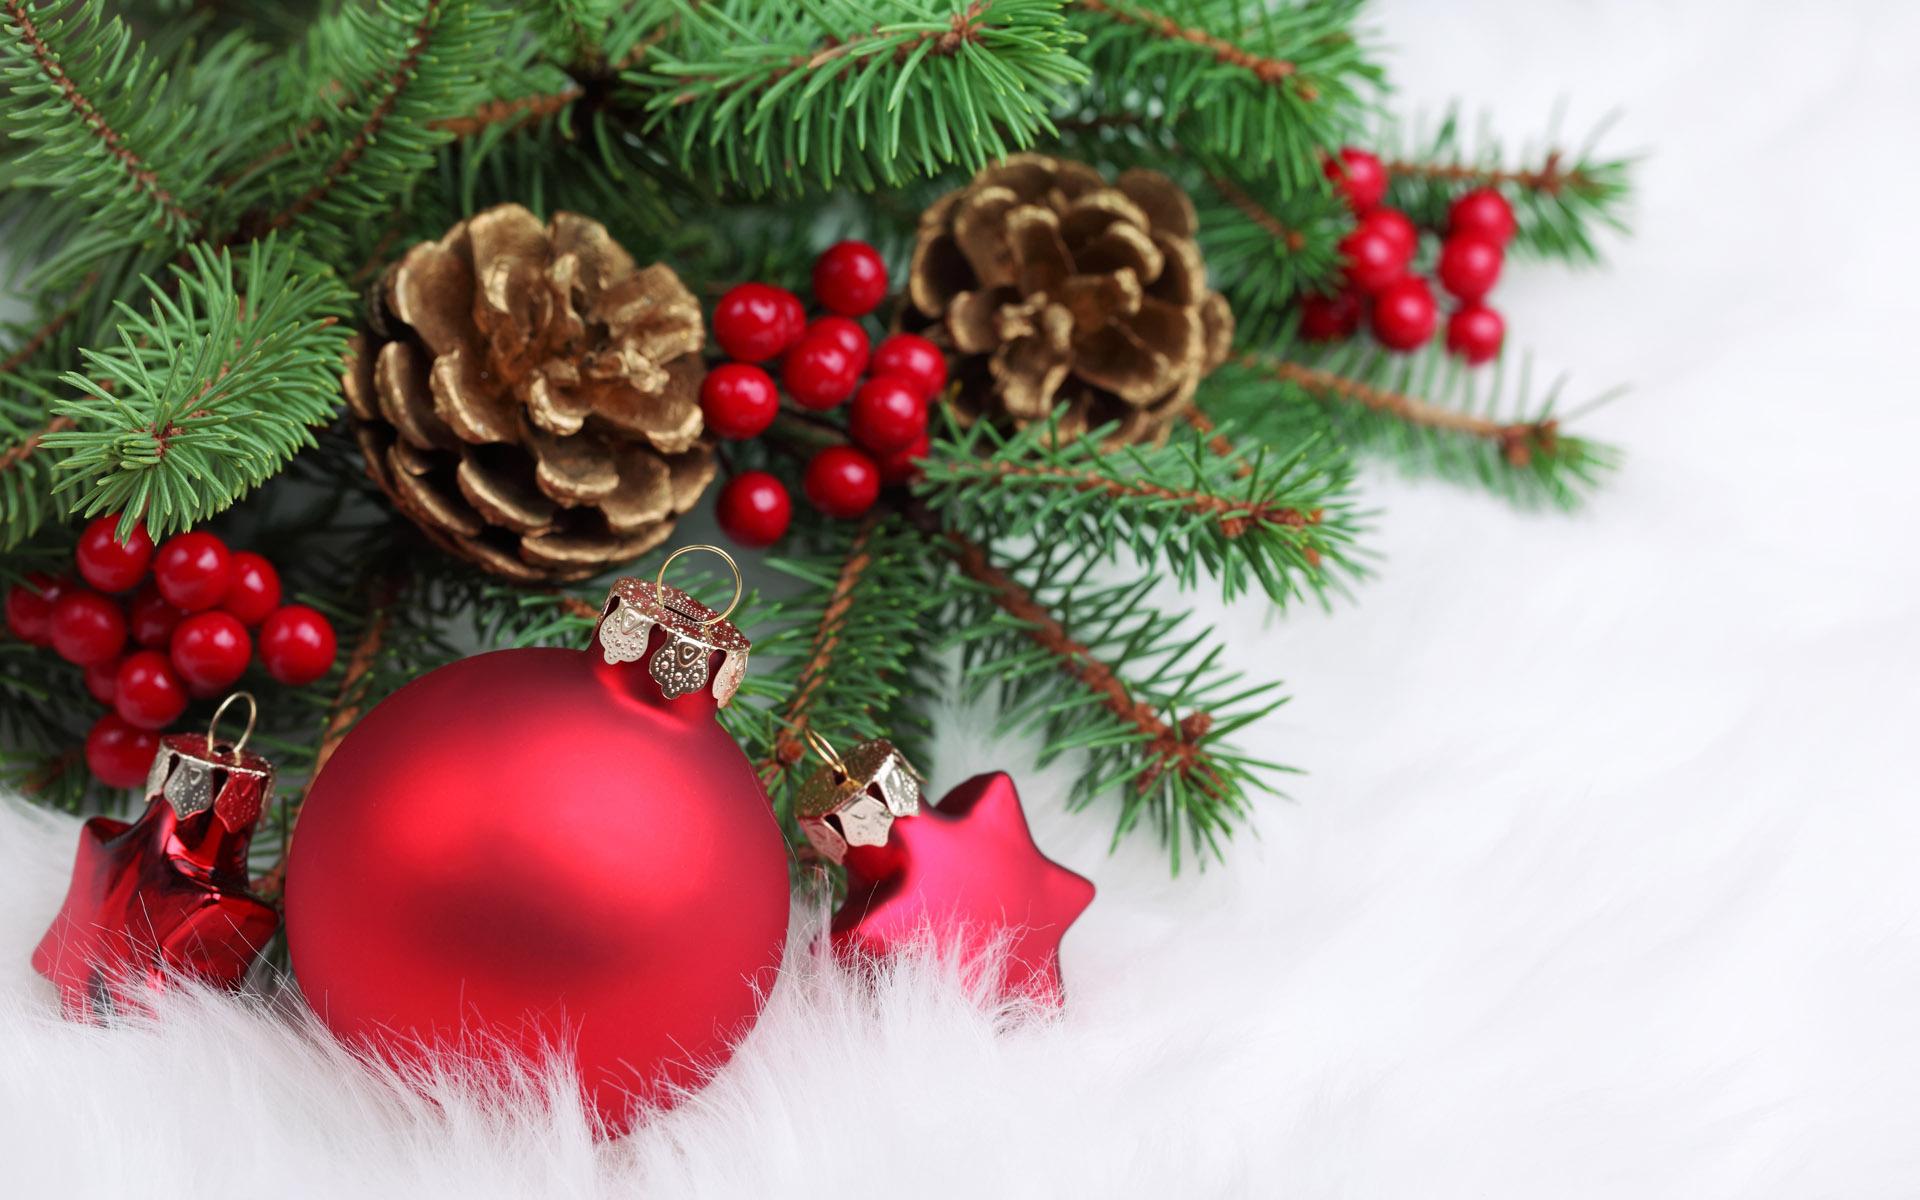 Images4 Fanpop Christmas Decoration Desktop